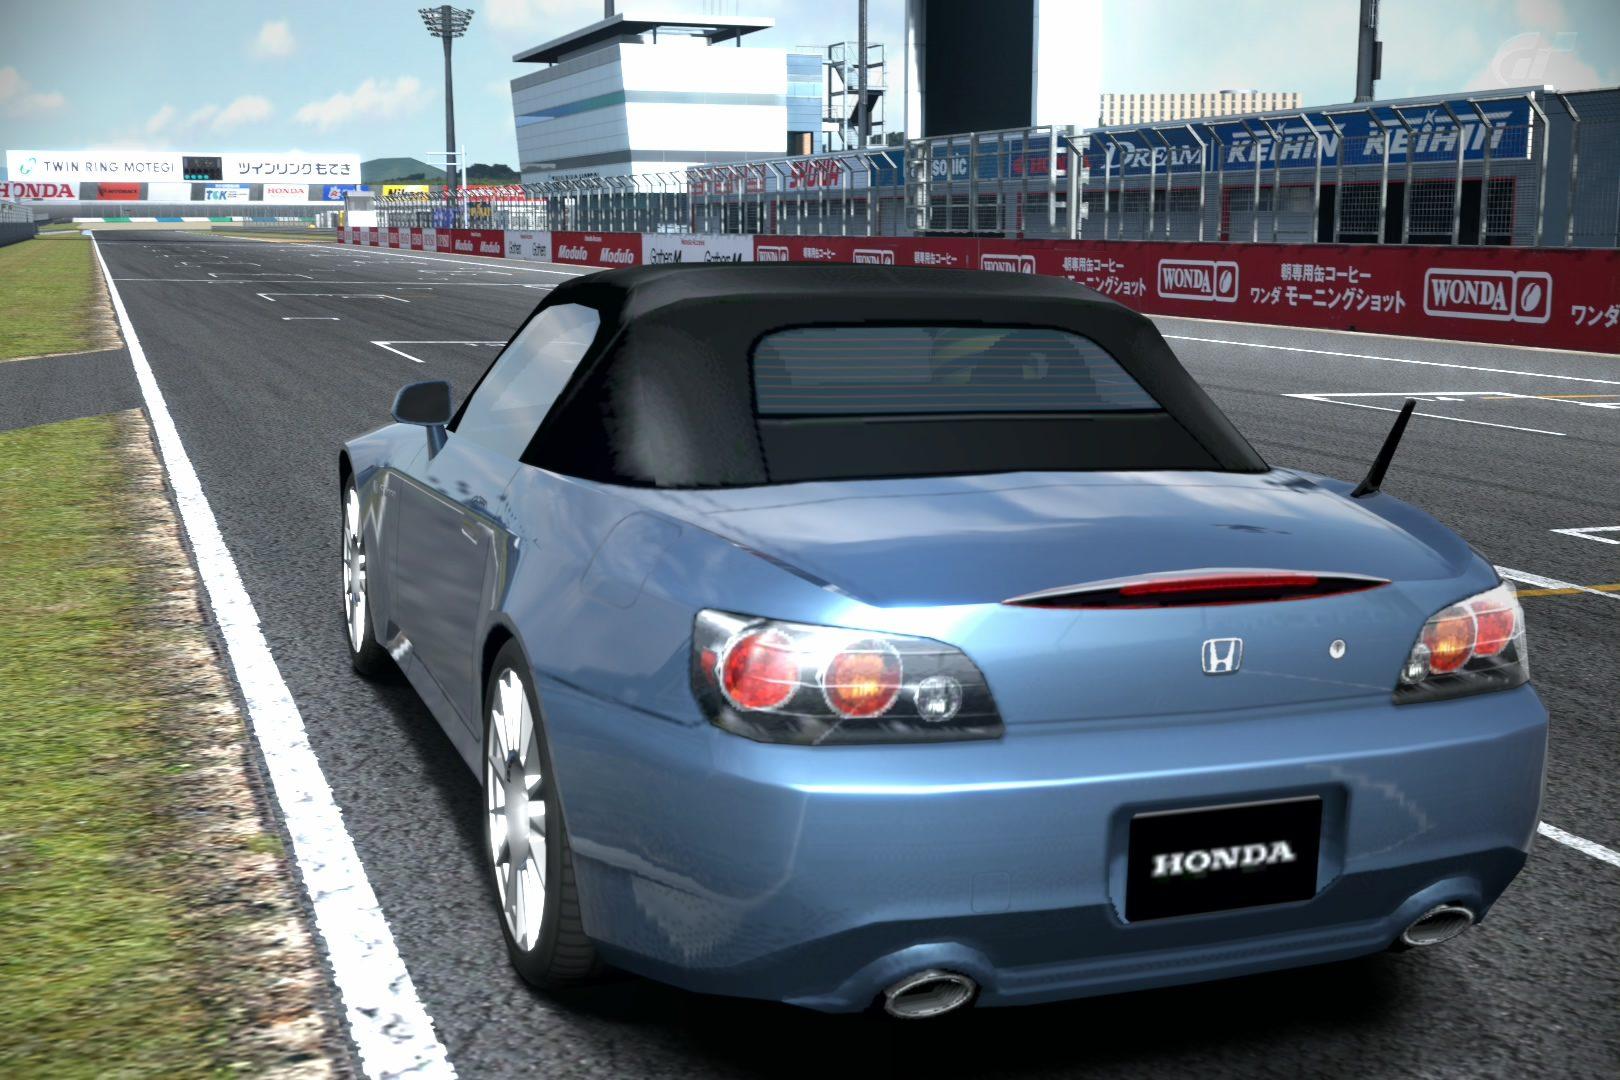 HondaS2000Img3.jpg